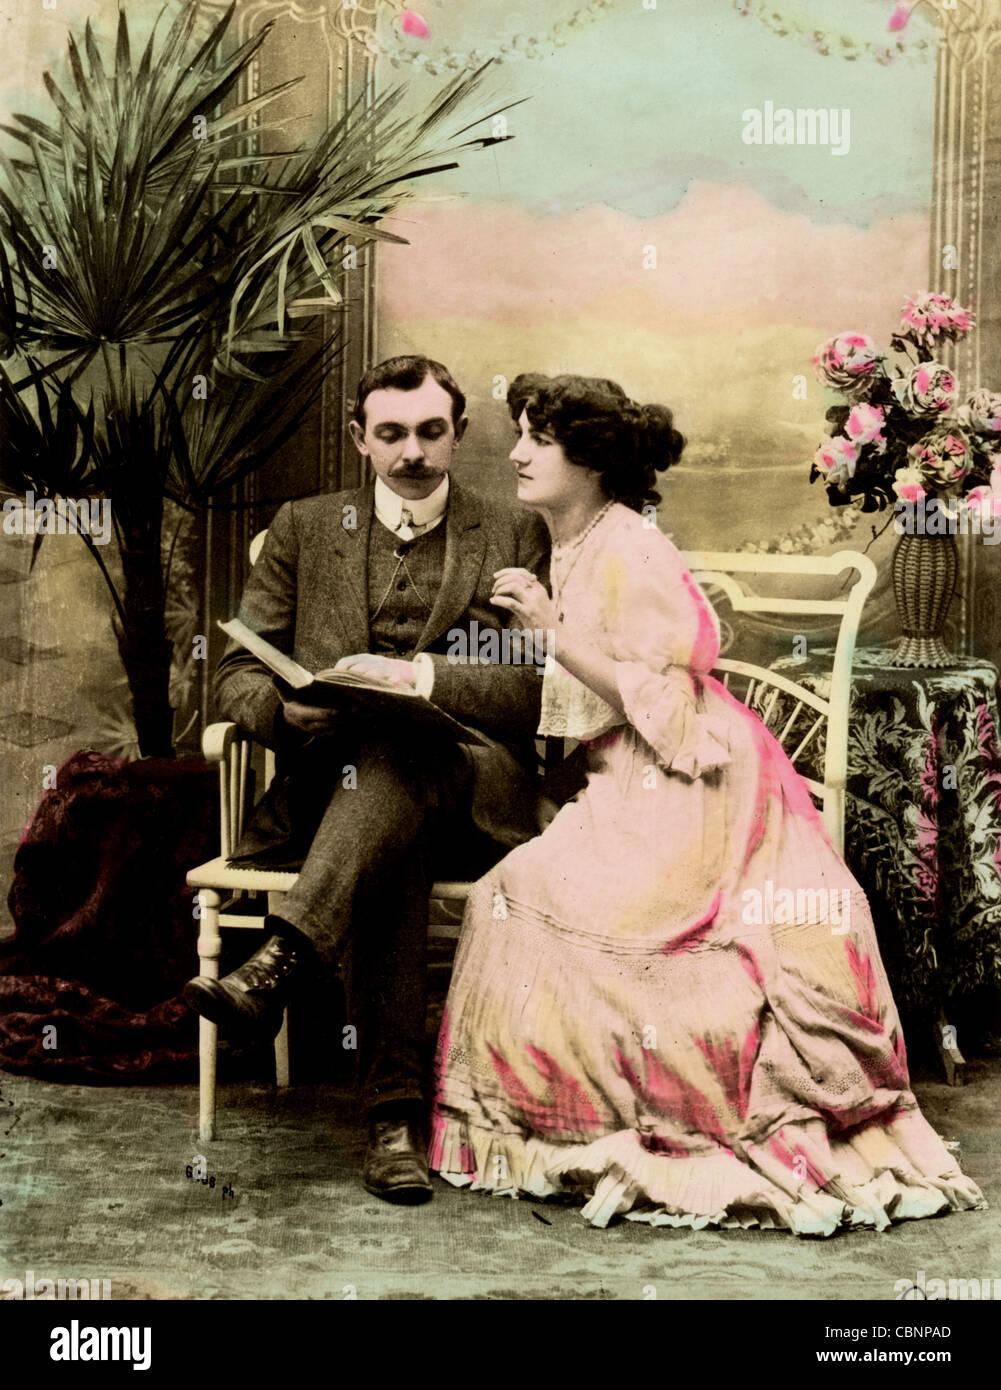 Ich übernachtete 1900er Jahren paar aus Buch Stockfoto